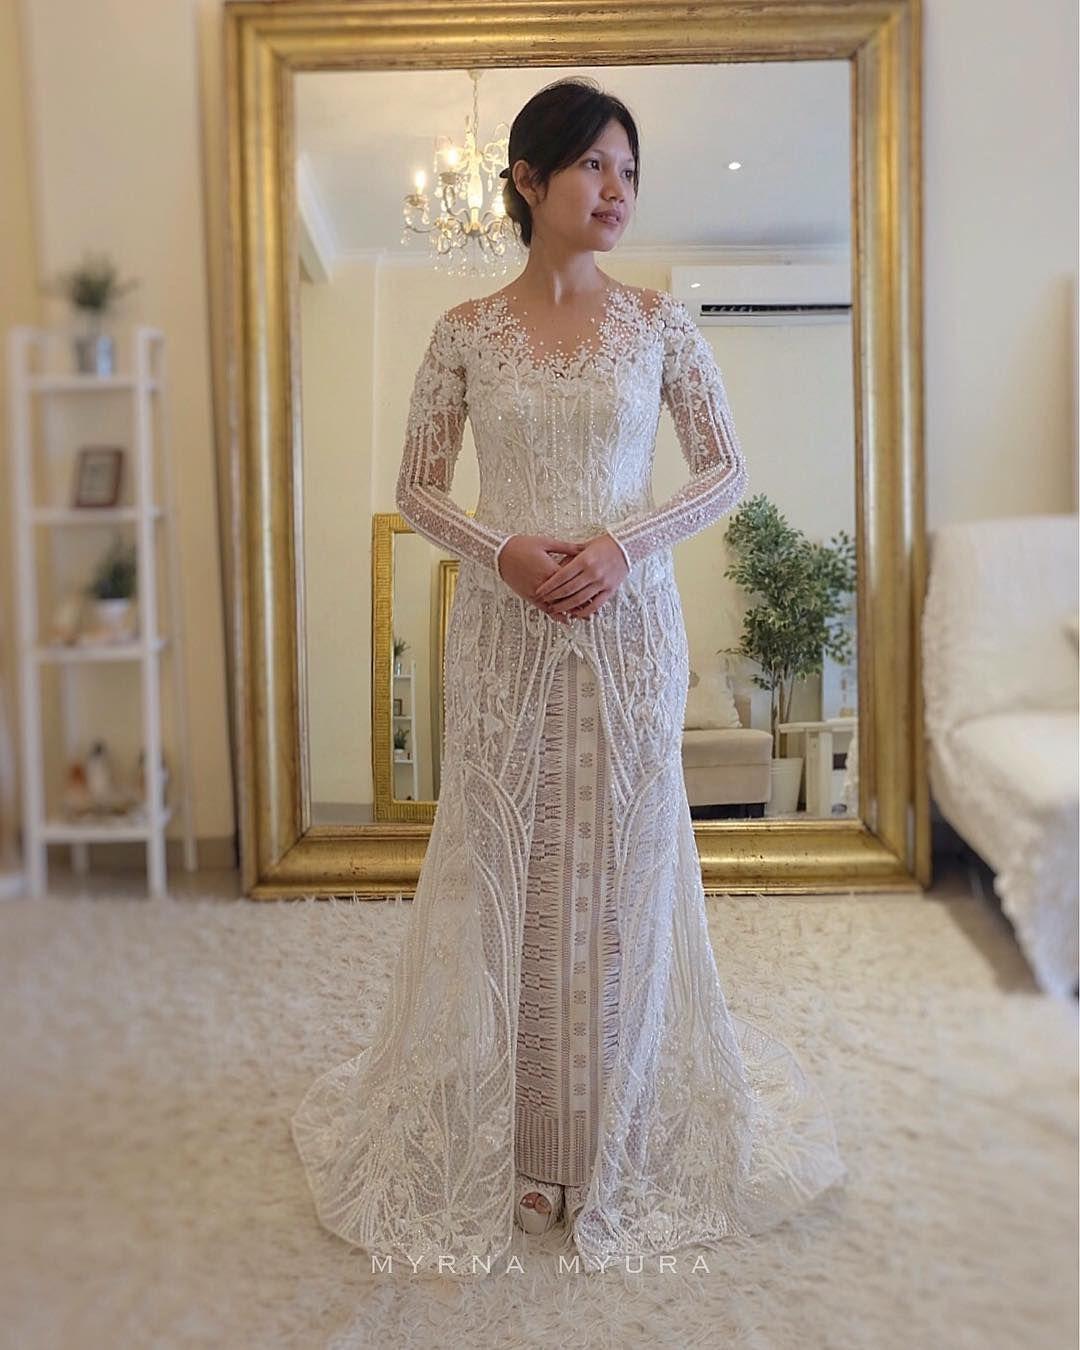 IG myrnamyura Desain bajunya cakep banget  Pakaian pernikahan